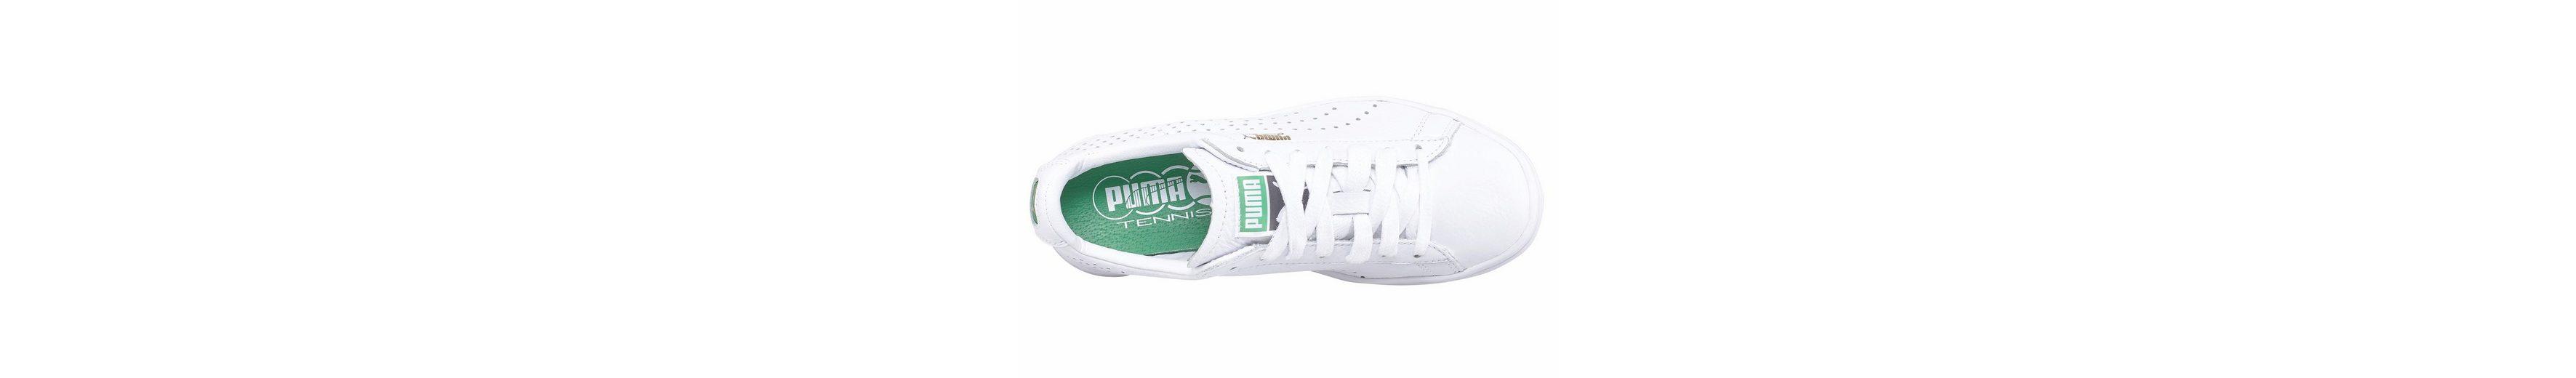 PUMA Court Star NM Sneaker Spielraum Brandneue Unisex Kaufladen ySJJdIh